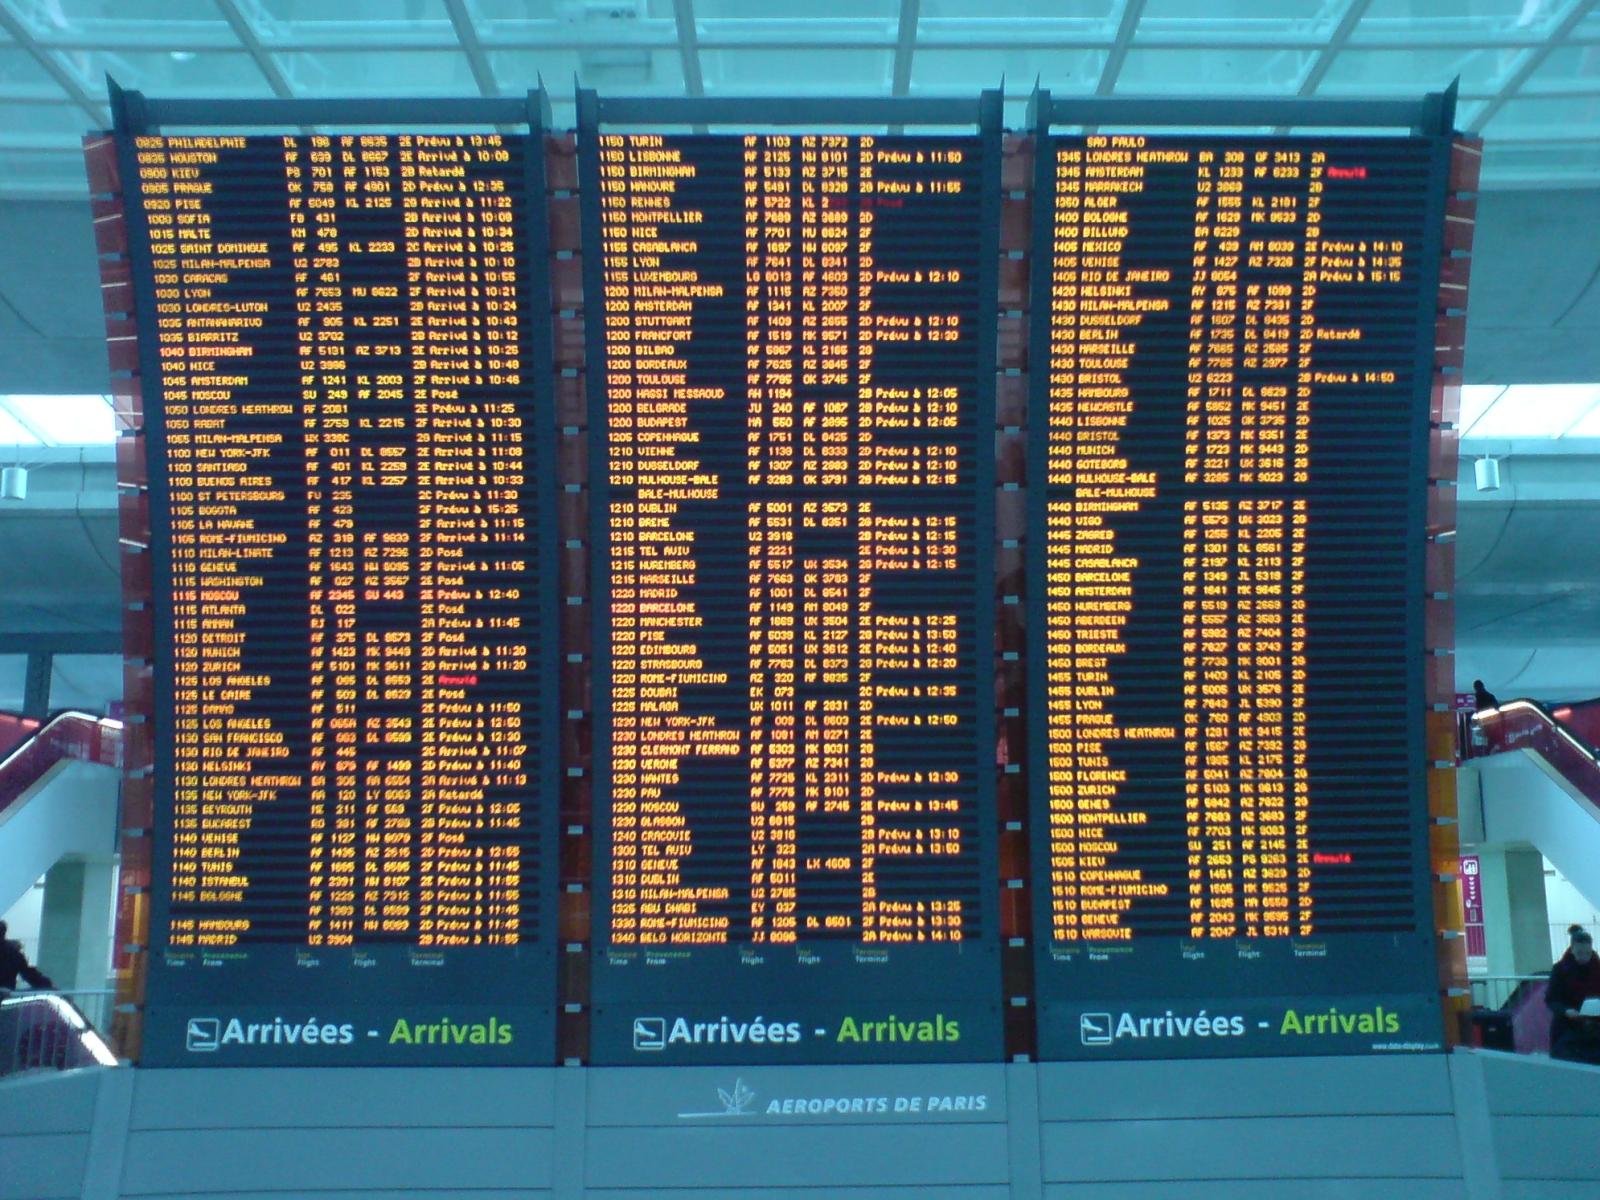 Big Travel forventer i sit første hele regnskabsår i Danmark at omsætte for cirka 400 millioner kroner. Arkivpressefoto fra Aeroports de Paris.